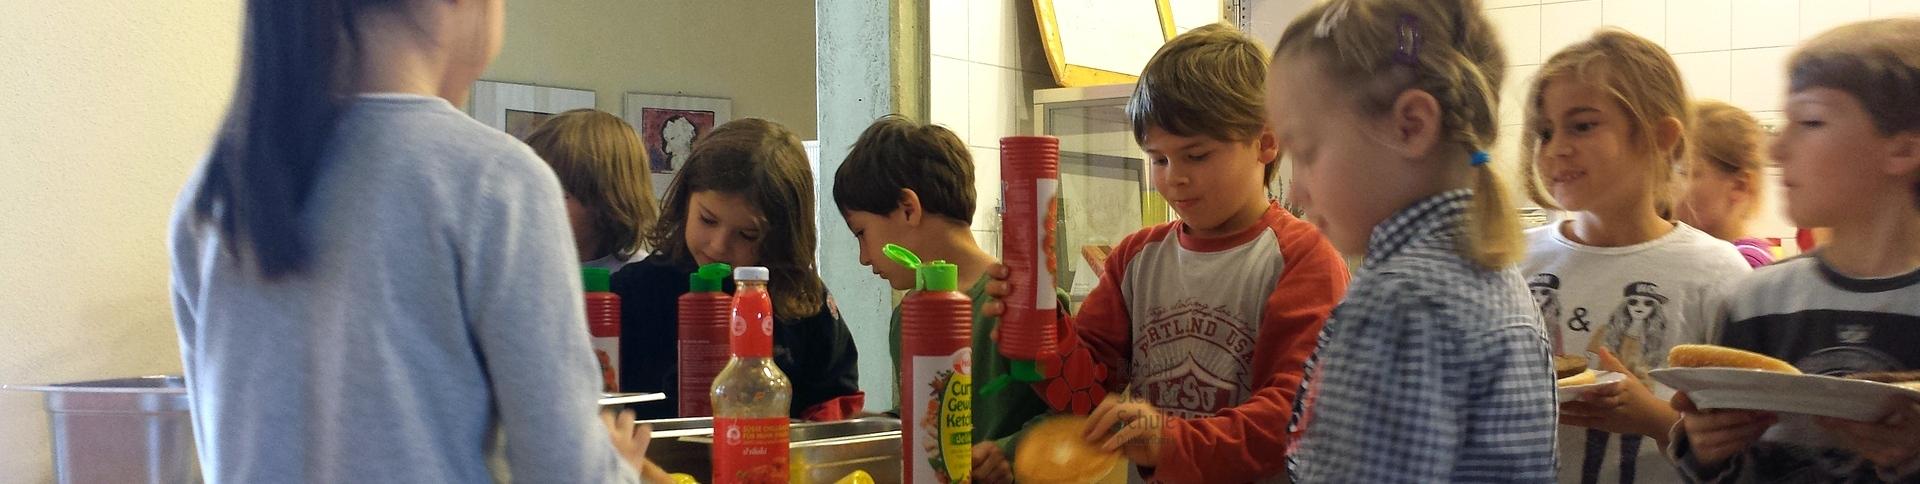 Schulküche Waldorfschule Dietzenbach Ganztagsbetreuung